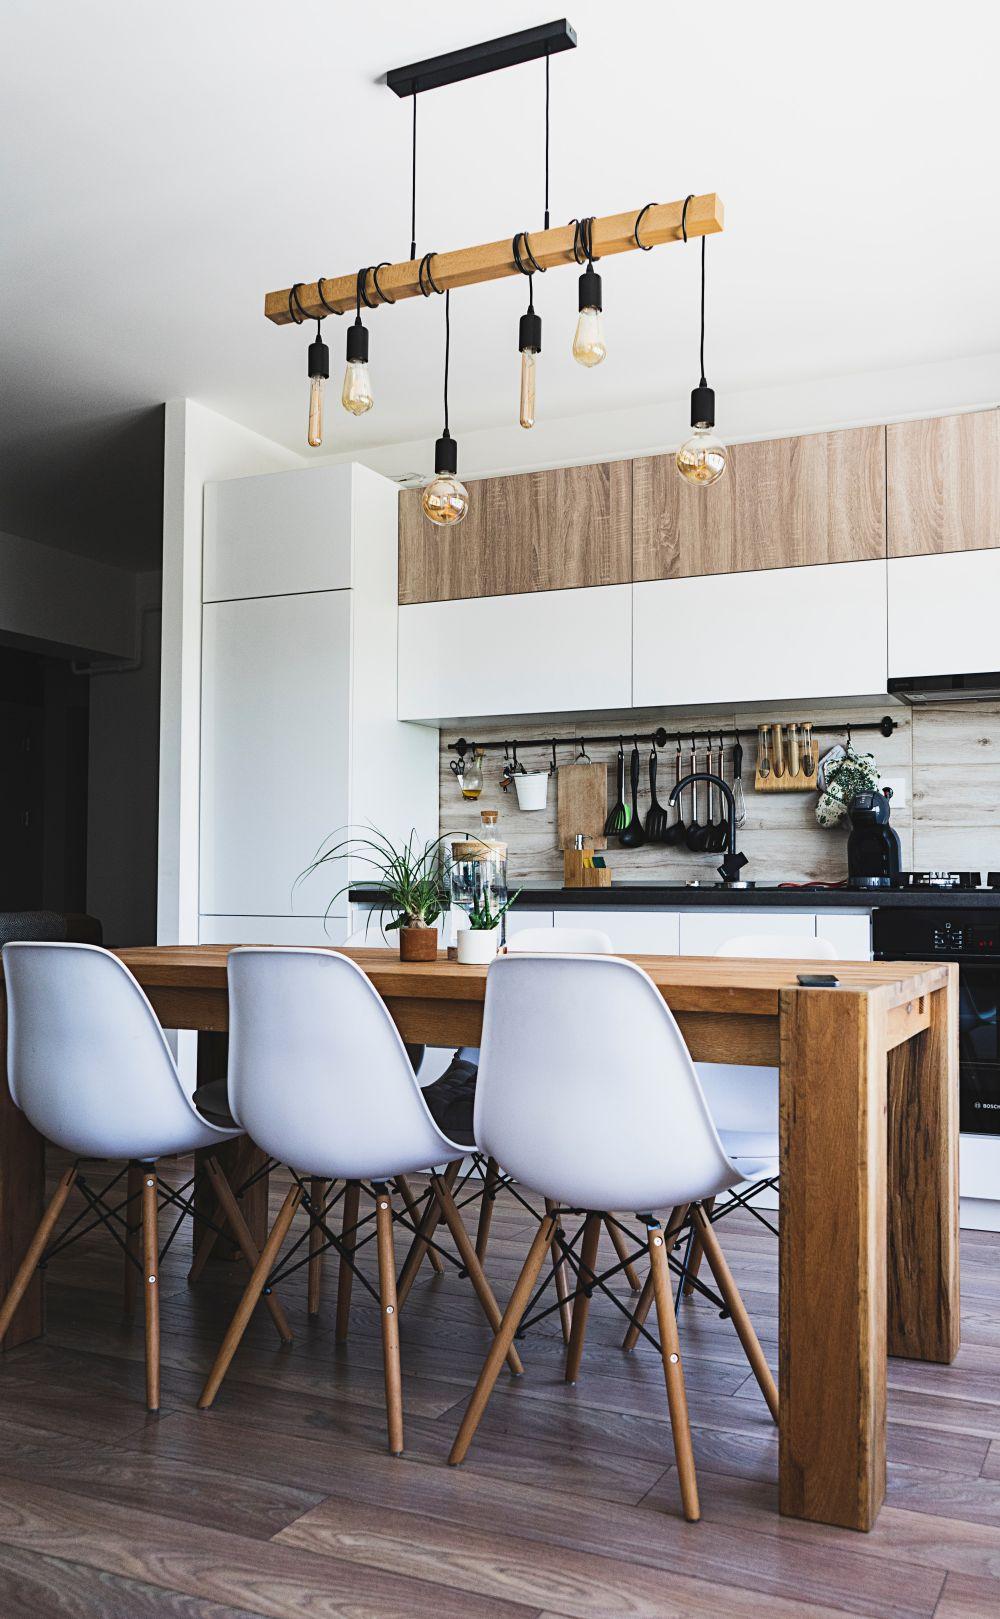 белая и деревянная на кухне, кухня с деревянными элементами, белая кухня с деревом